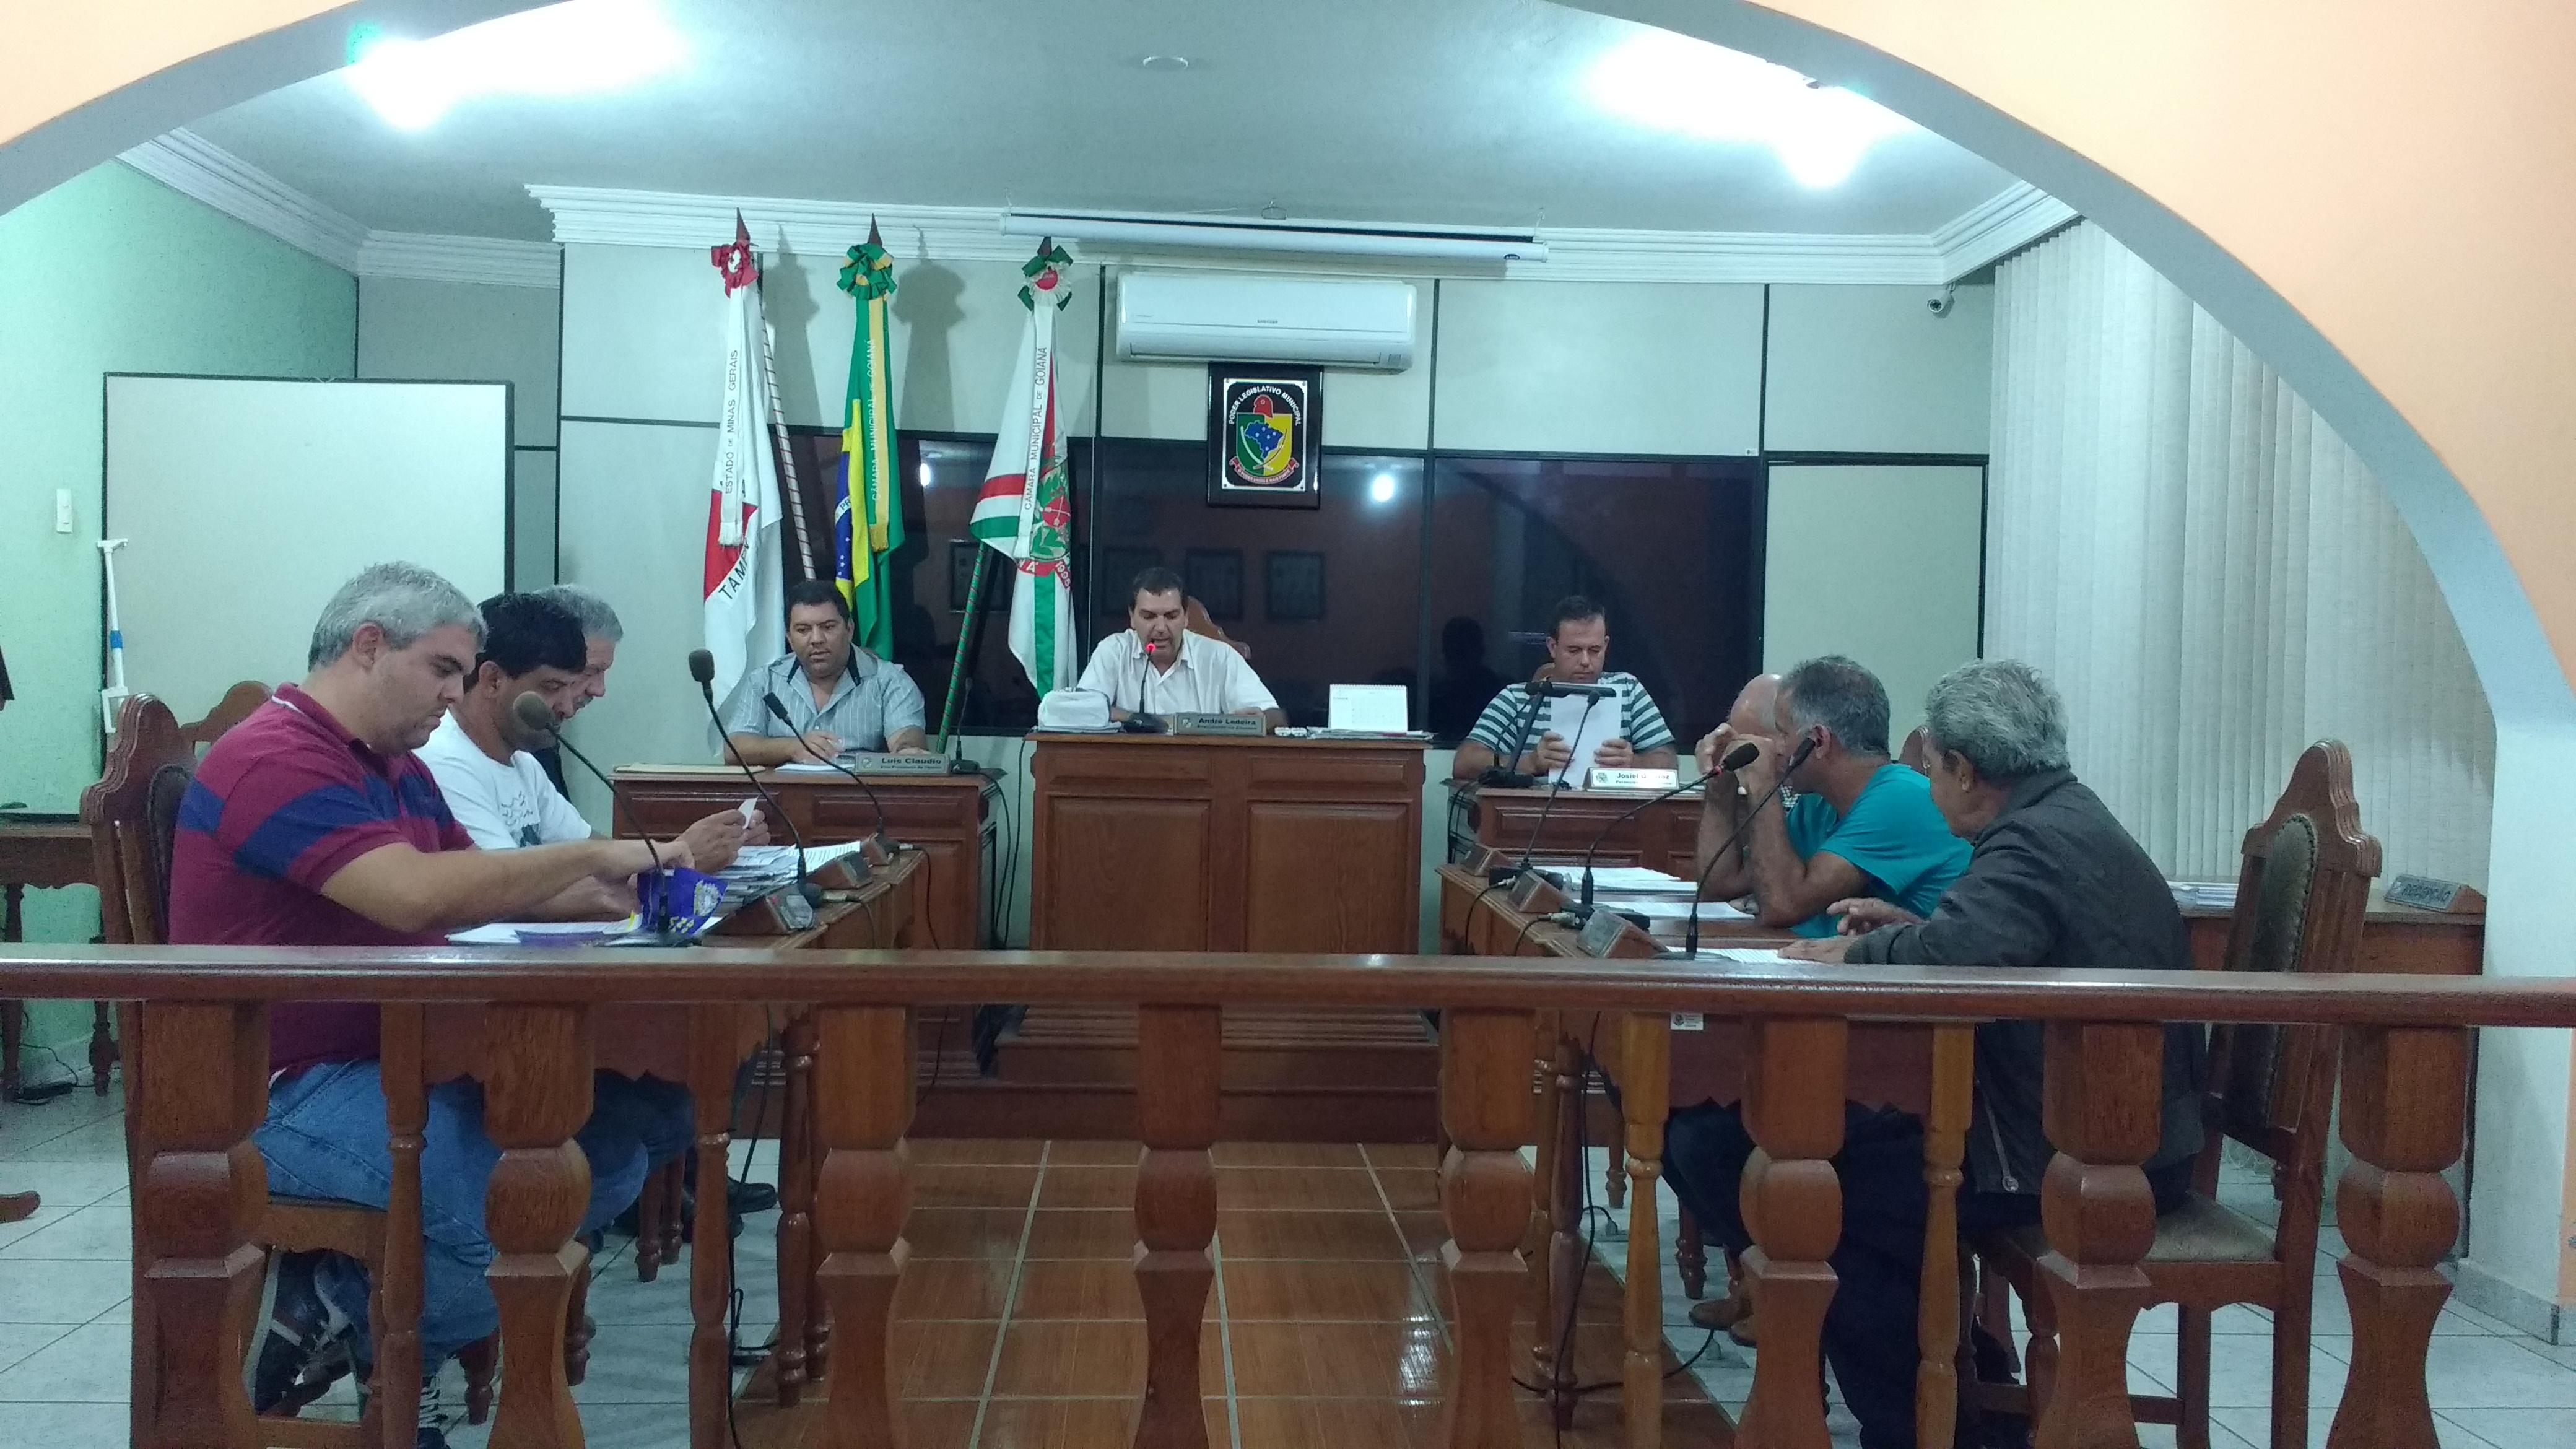 Saúde pública é tema principal em reunião na Câmara